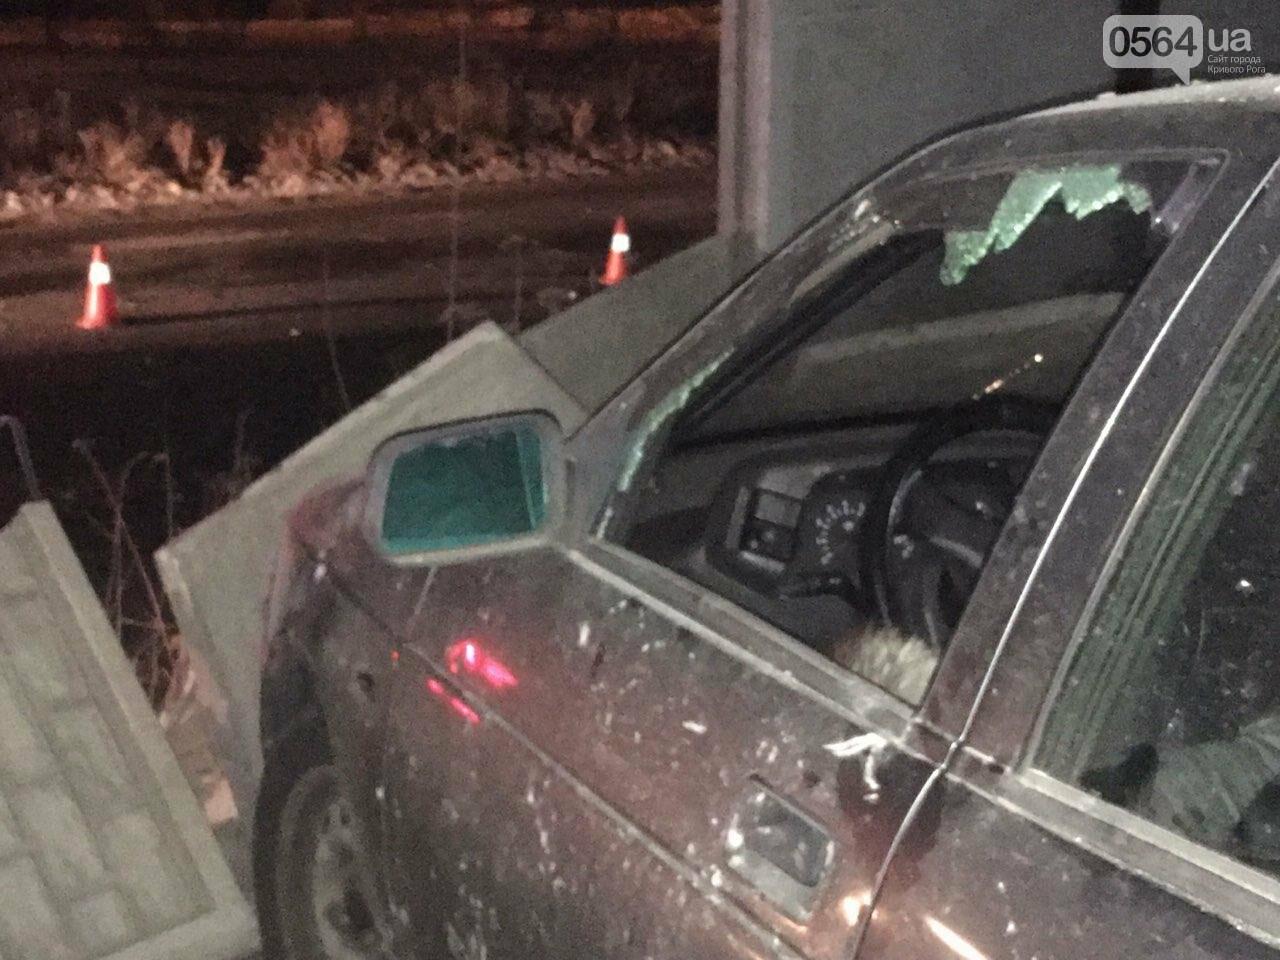 """В Кривом Роге """"BMW"""" снес забор стоянки: повреждено около 10 машин, есть пострадавший, - ФОТО , фото-17"""